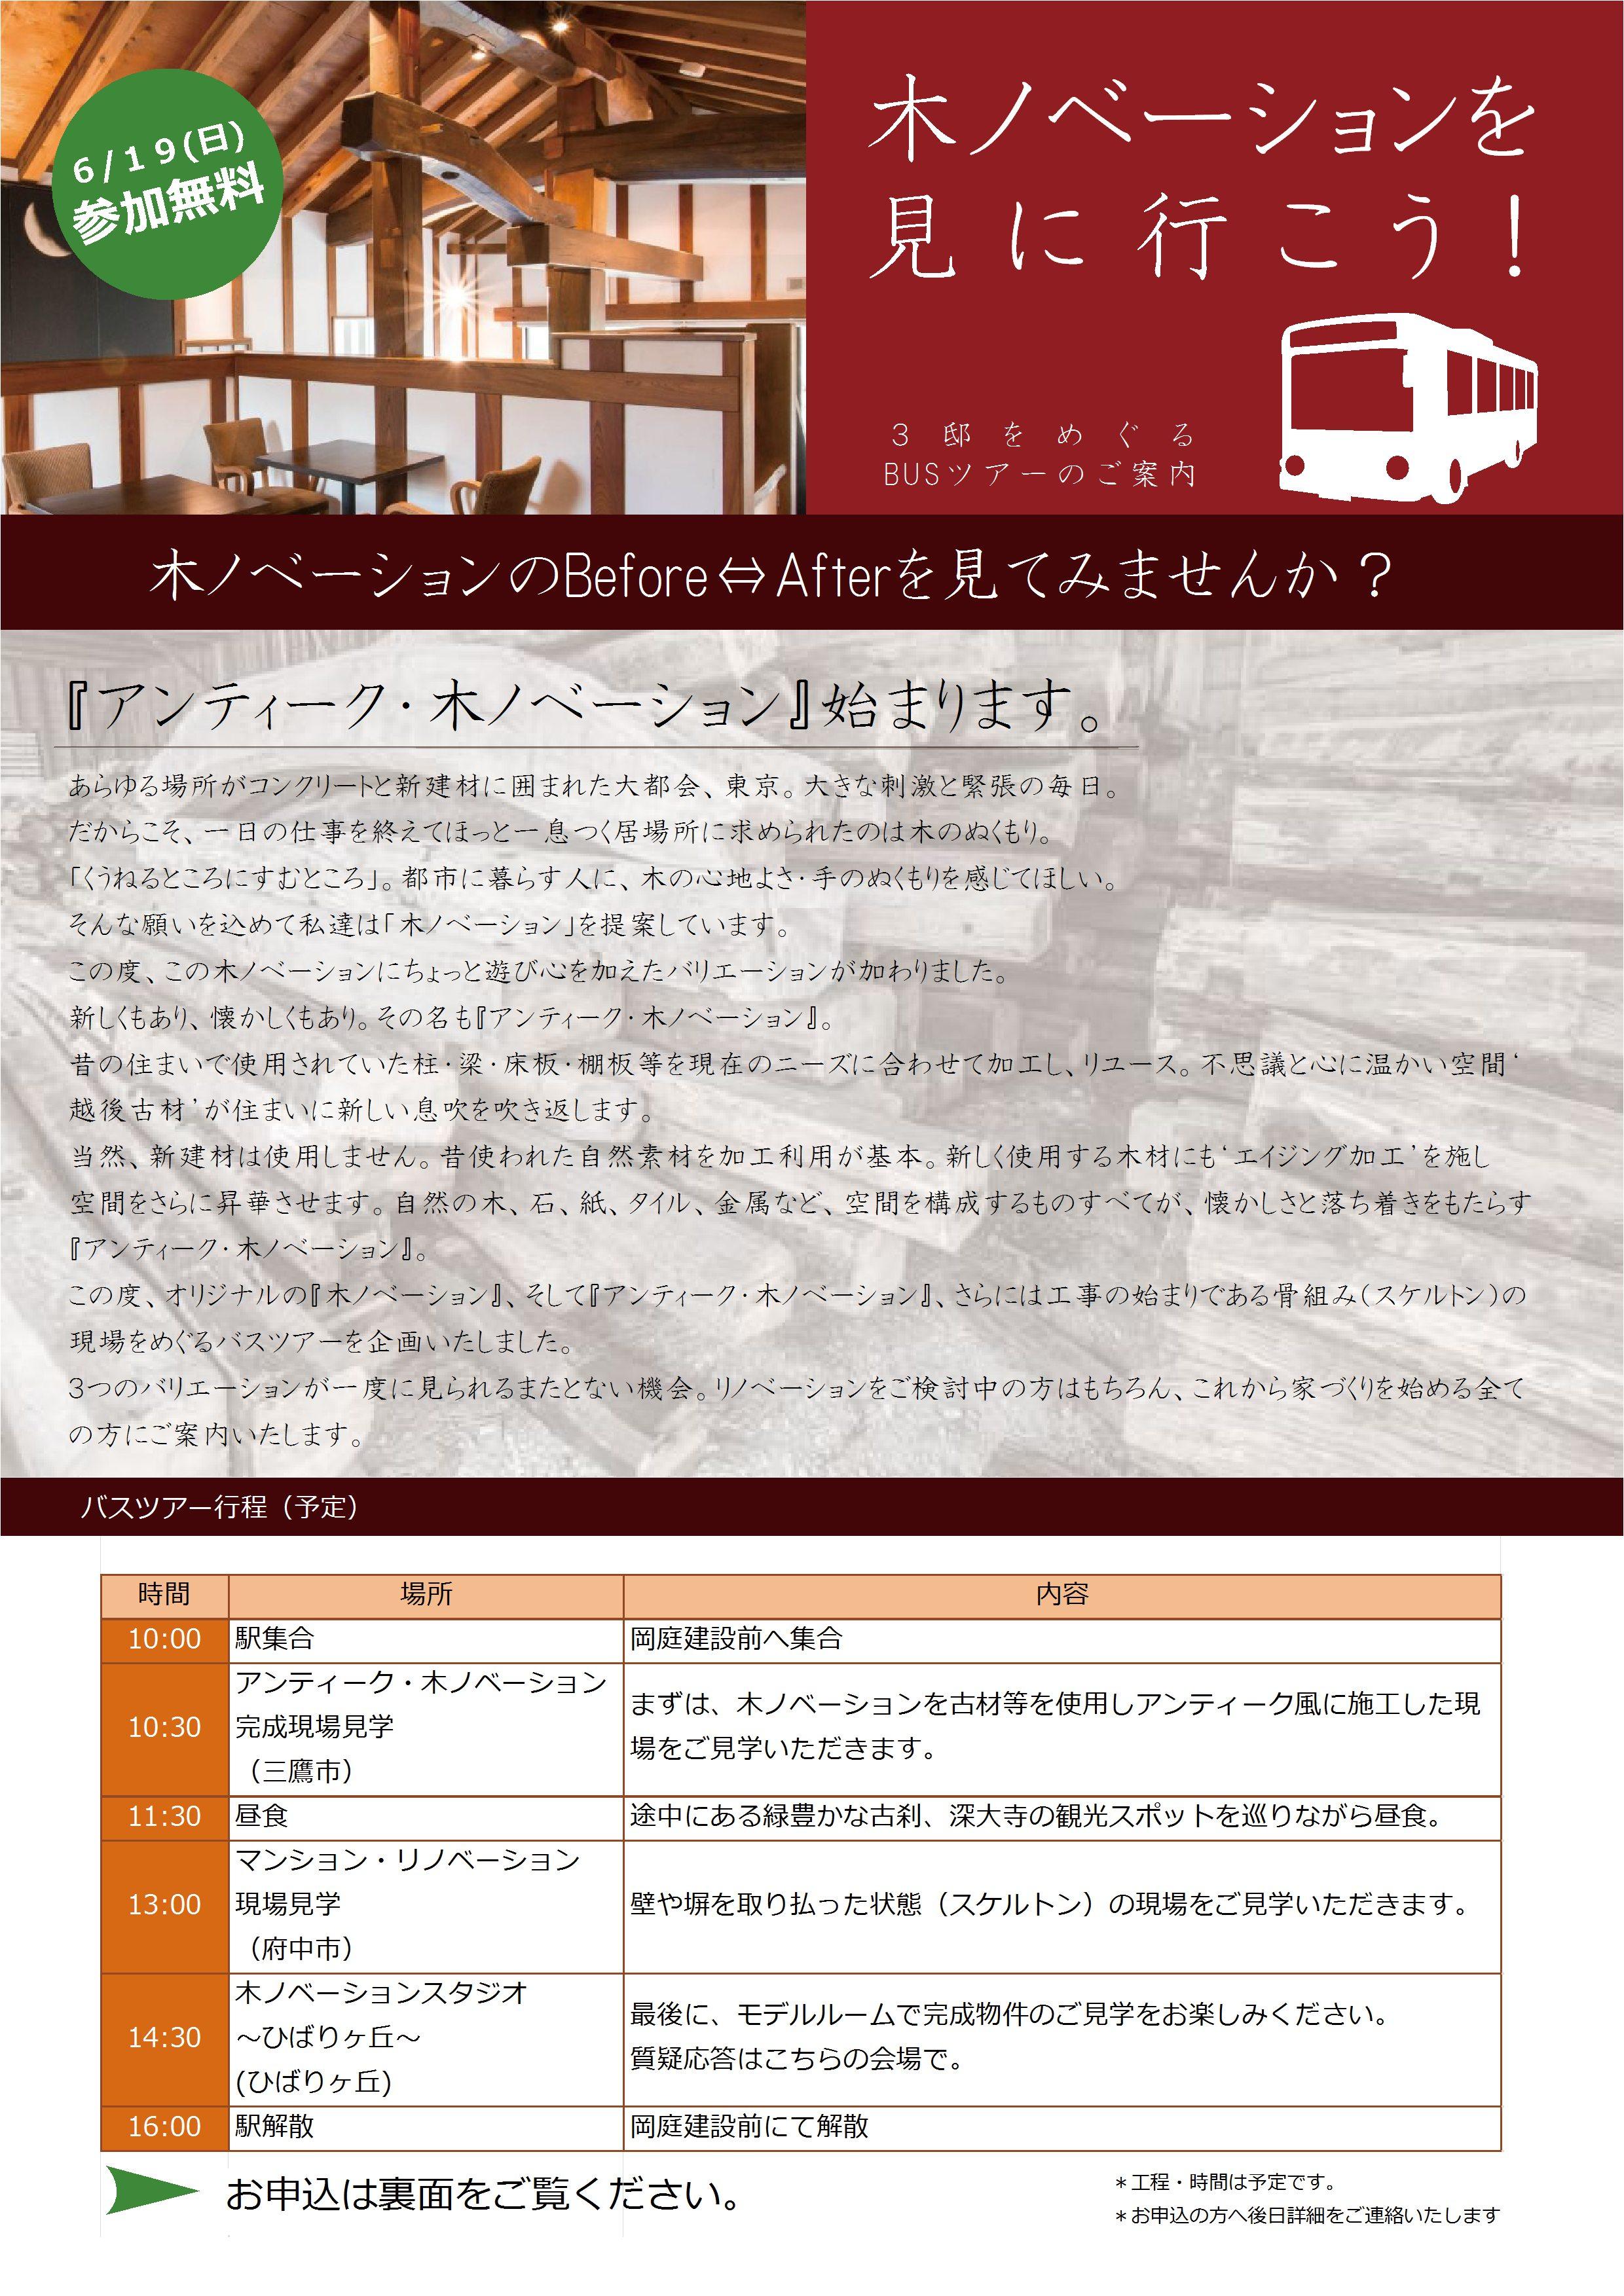 木ノベーションを見に行こう!-2